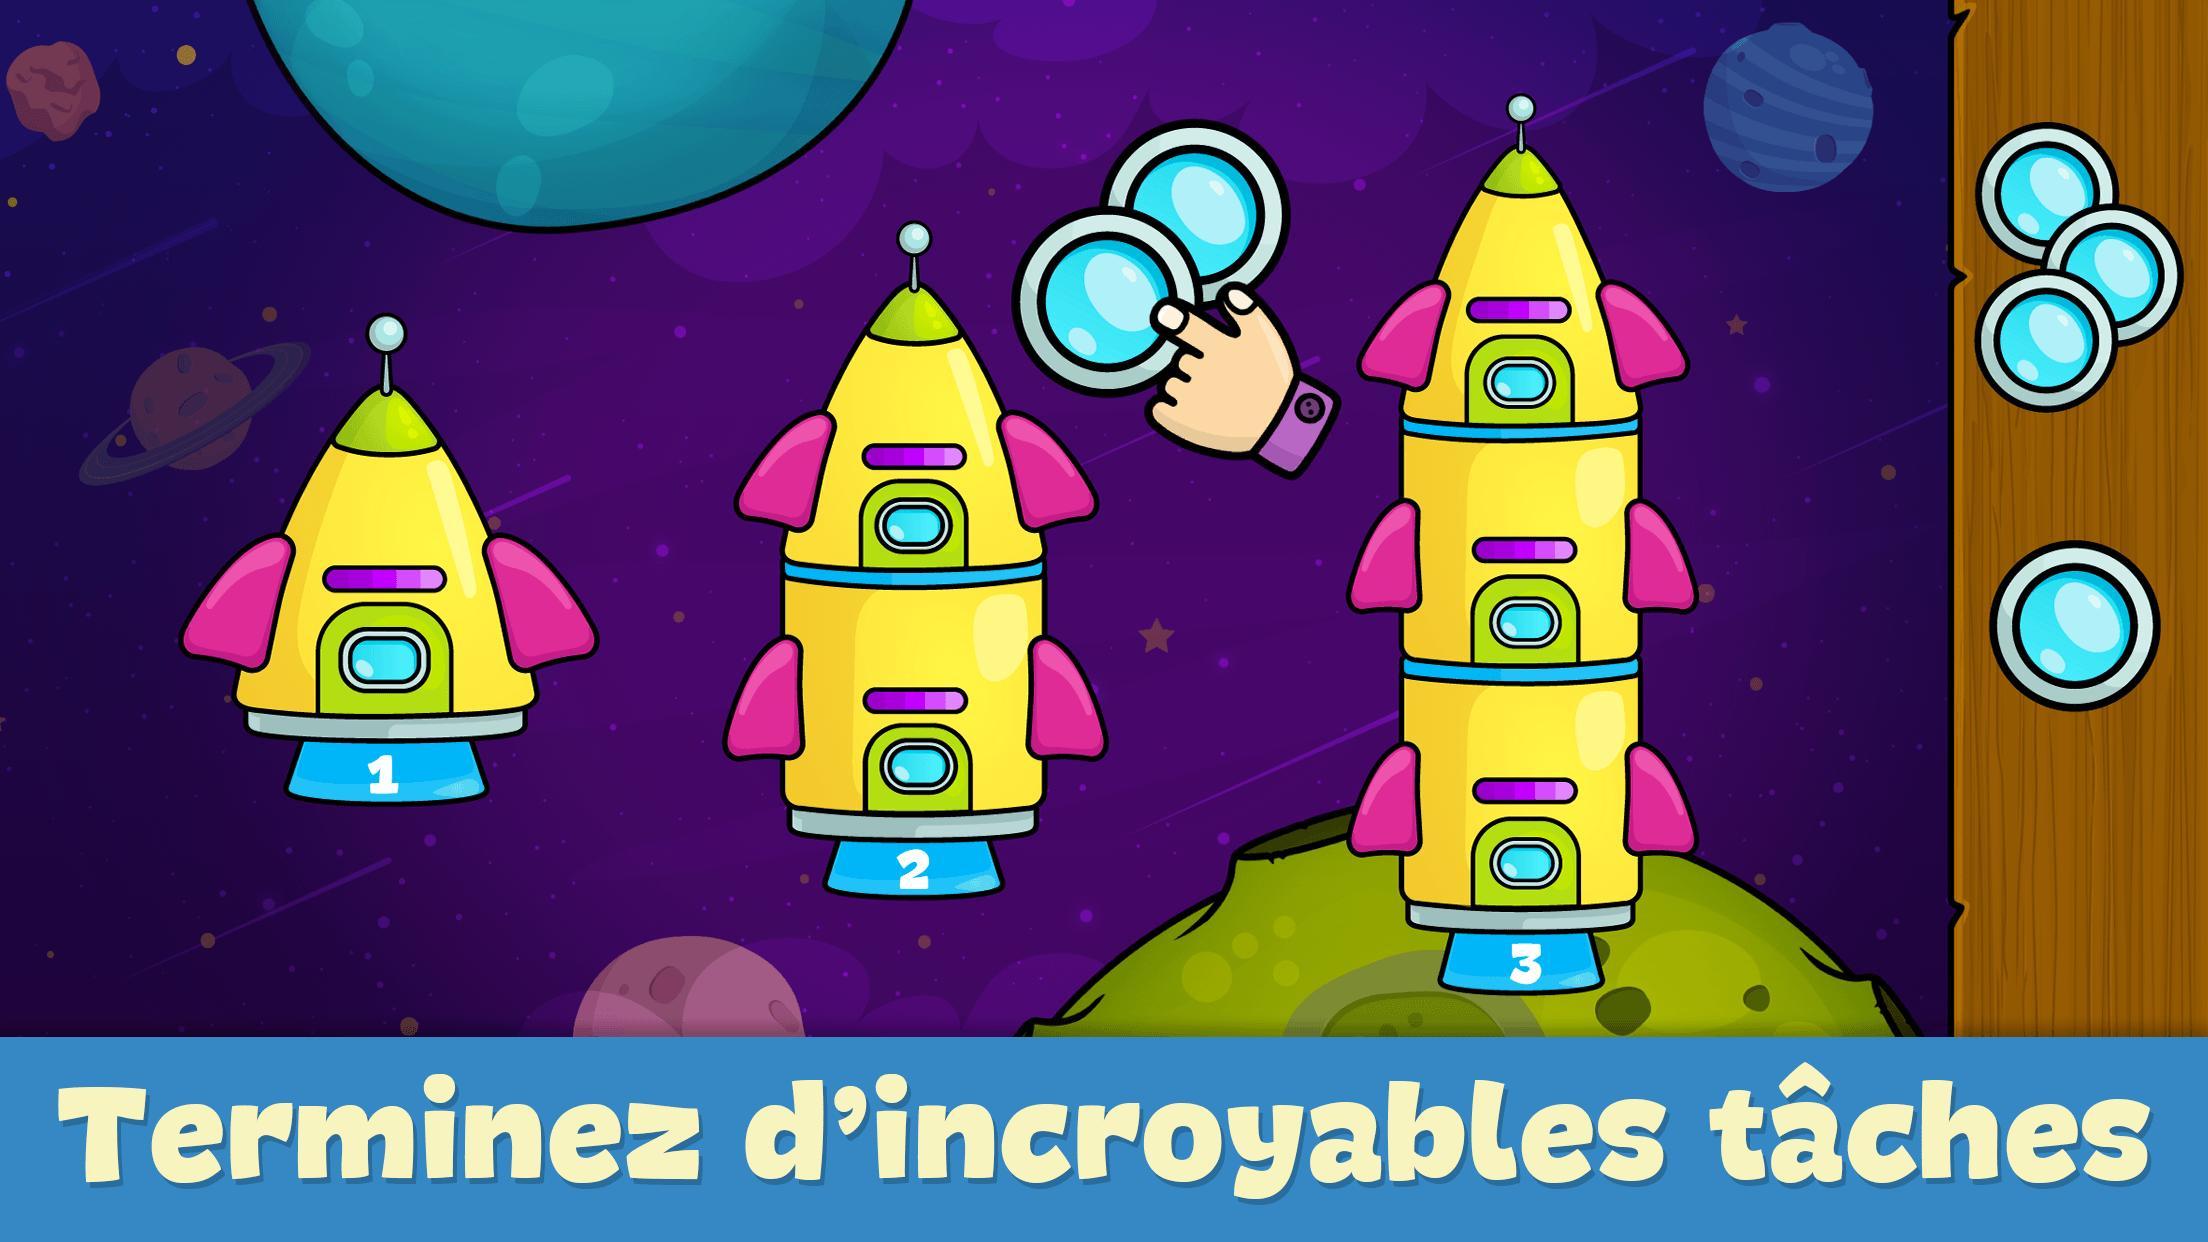 Jeux Pour Enfants 2 - 5 Ans Pour Android - Téléchargez L'apk tout Jeux Pour 3 5 Ans